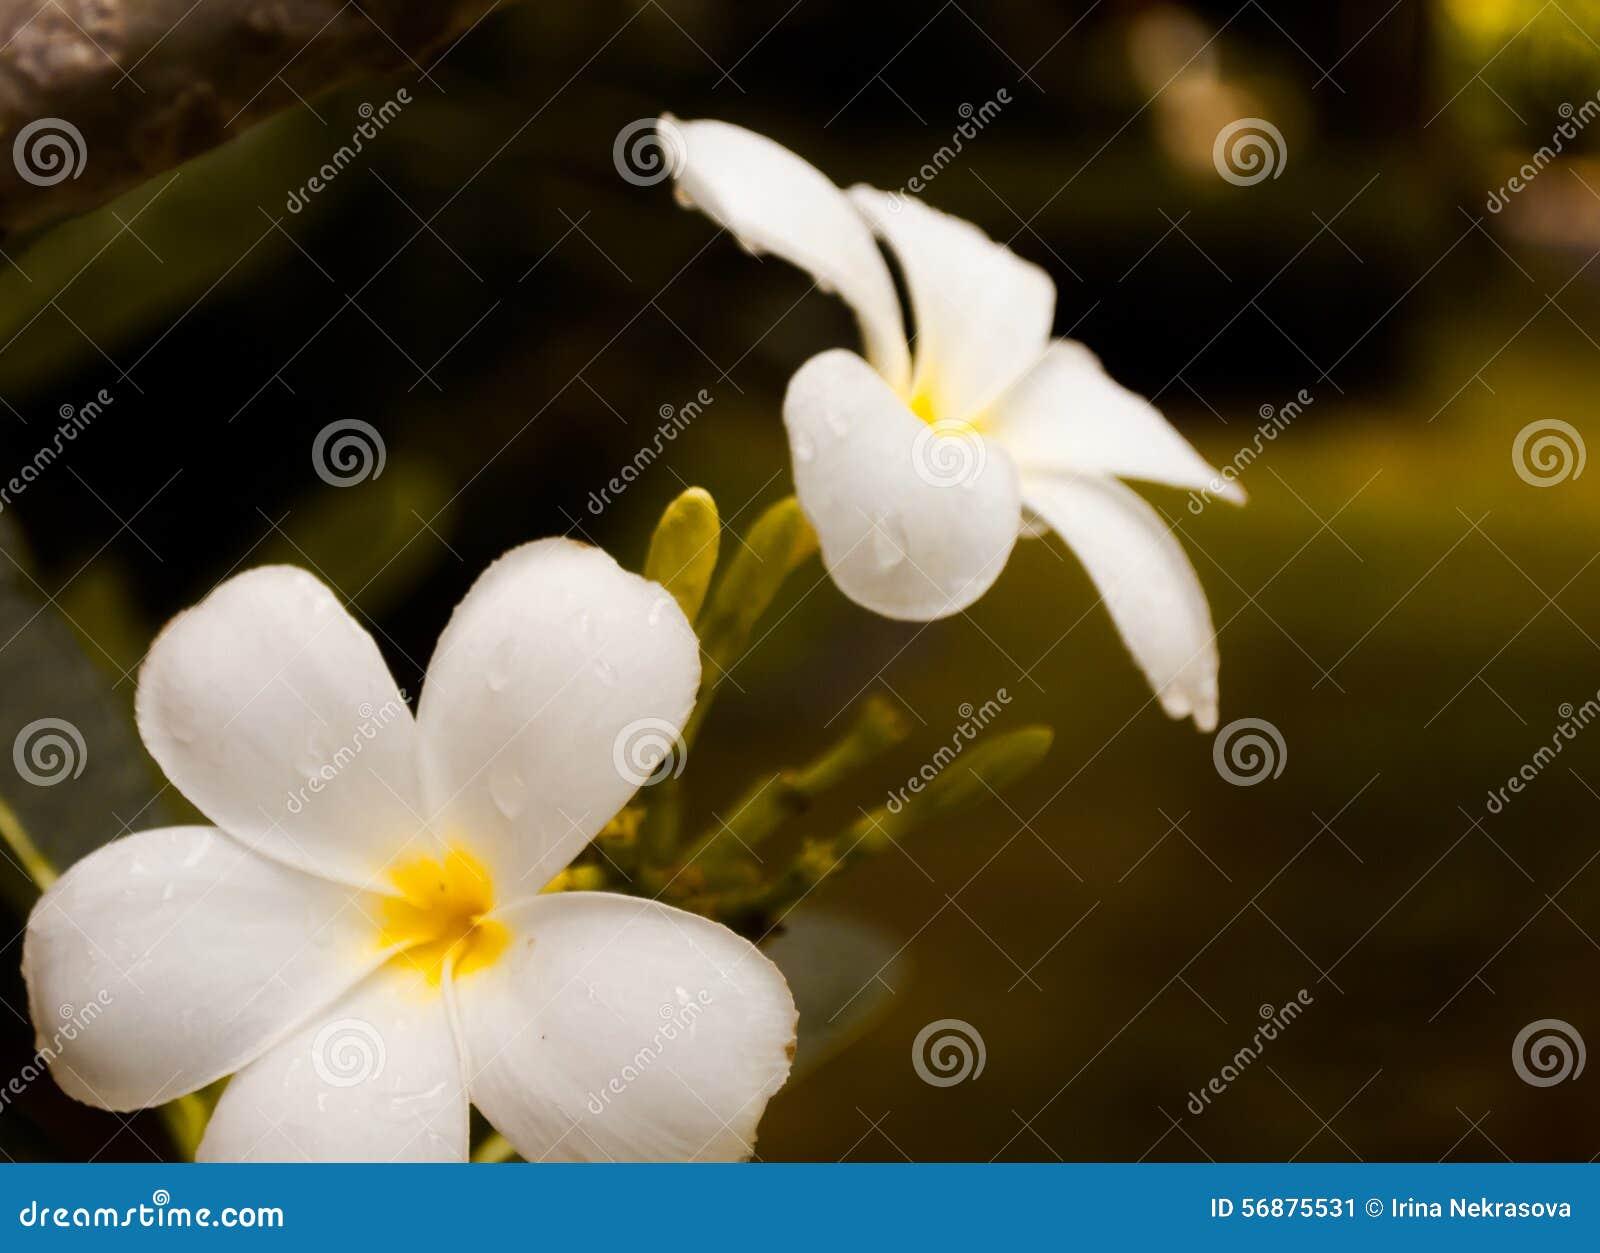 Plumeria för vita blommor med regndroppe